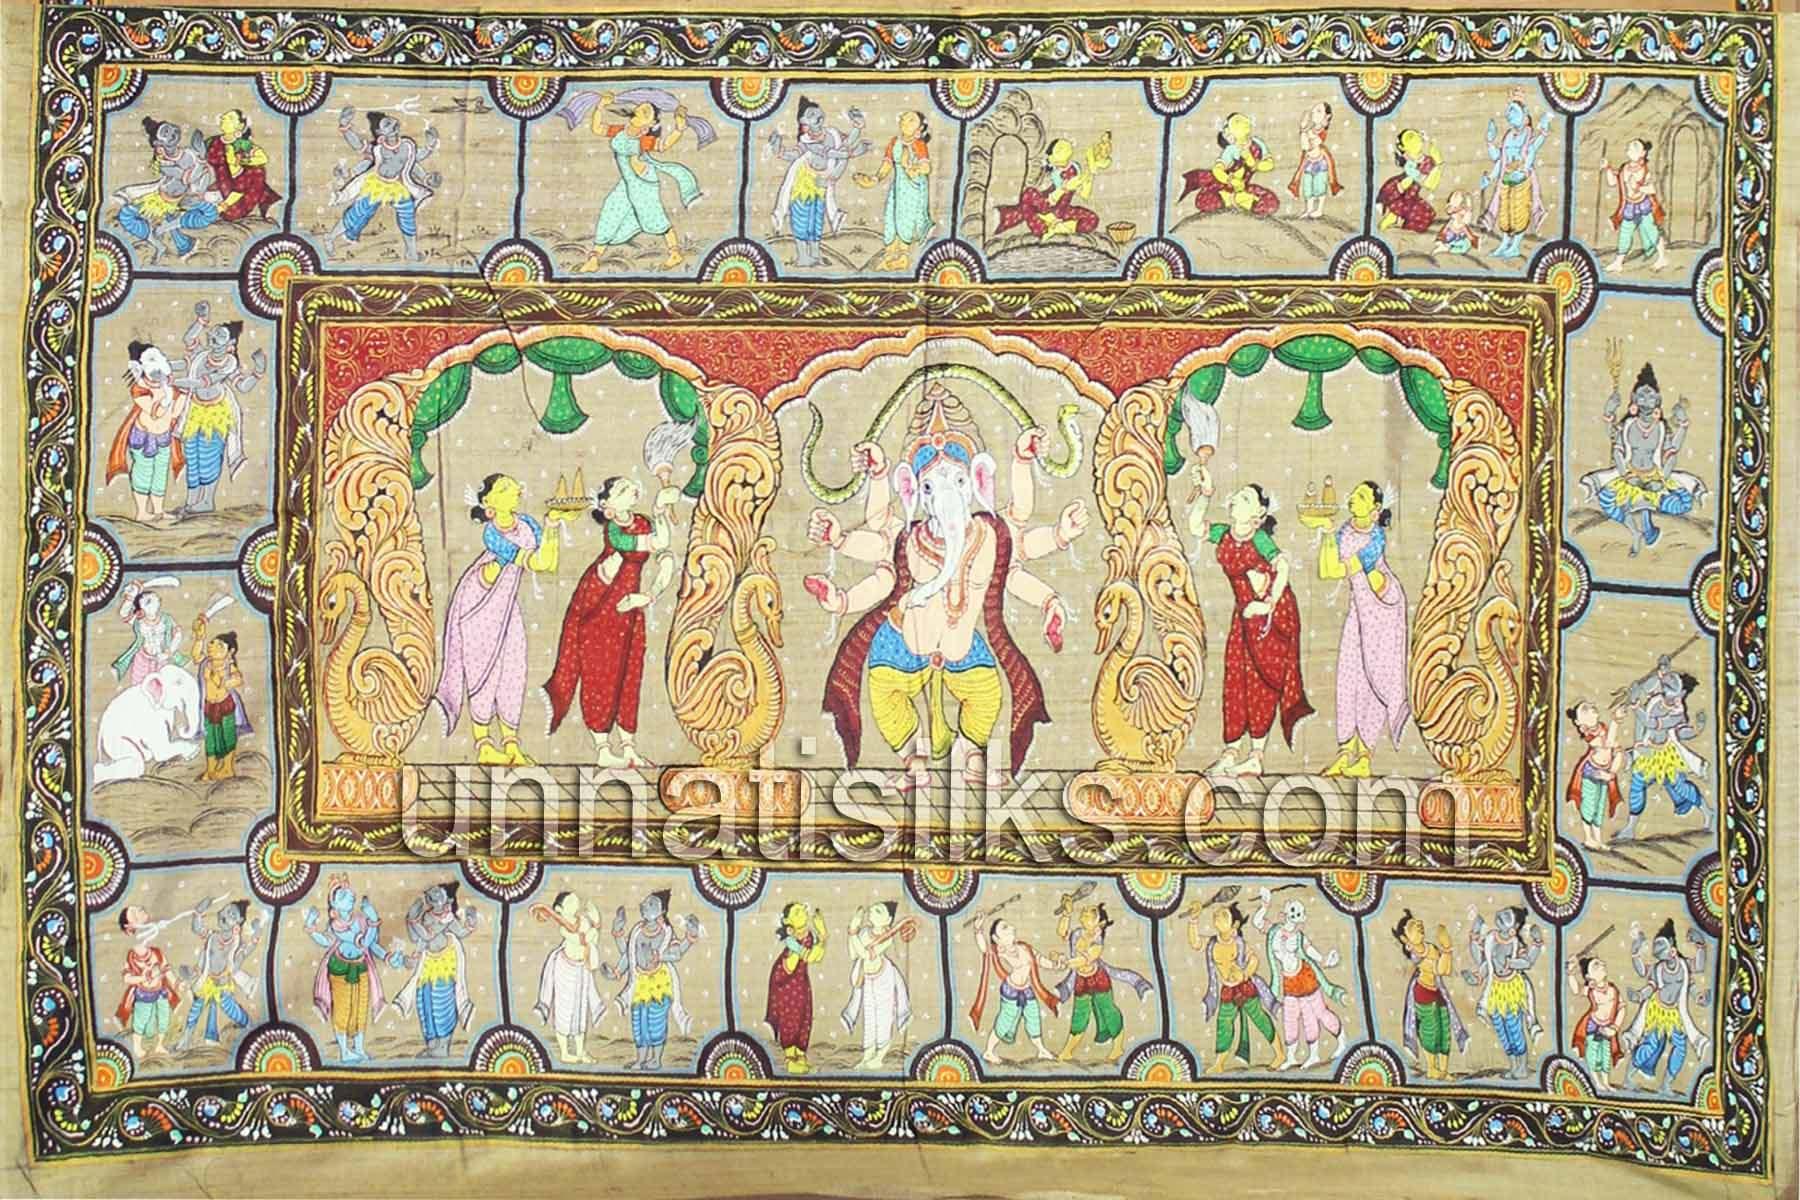 Ganesha Geburt Künstler/Artist: unbekannt/unknown